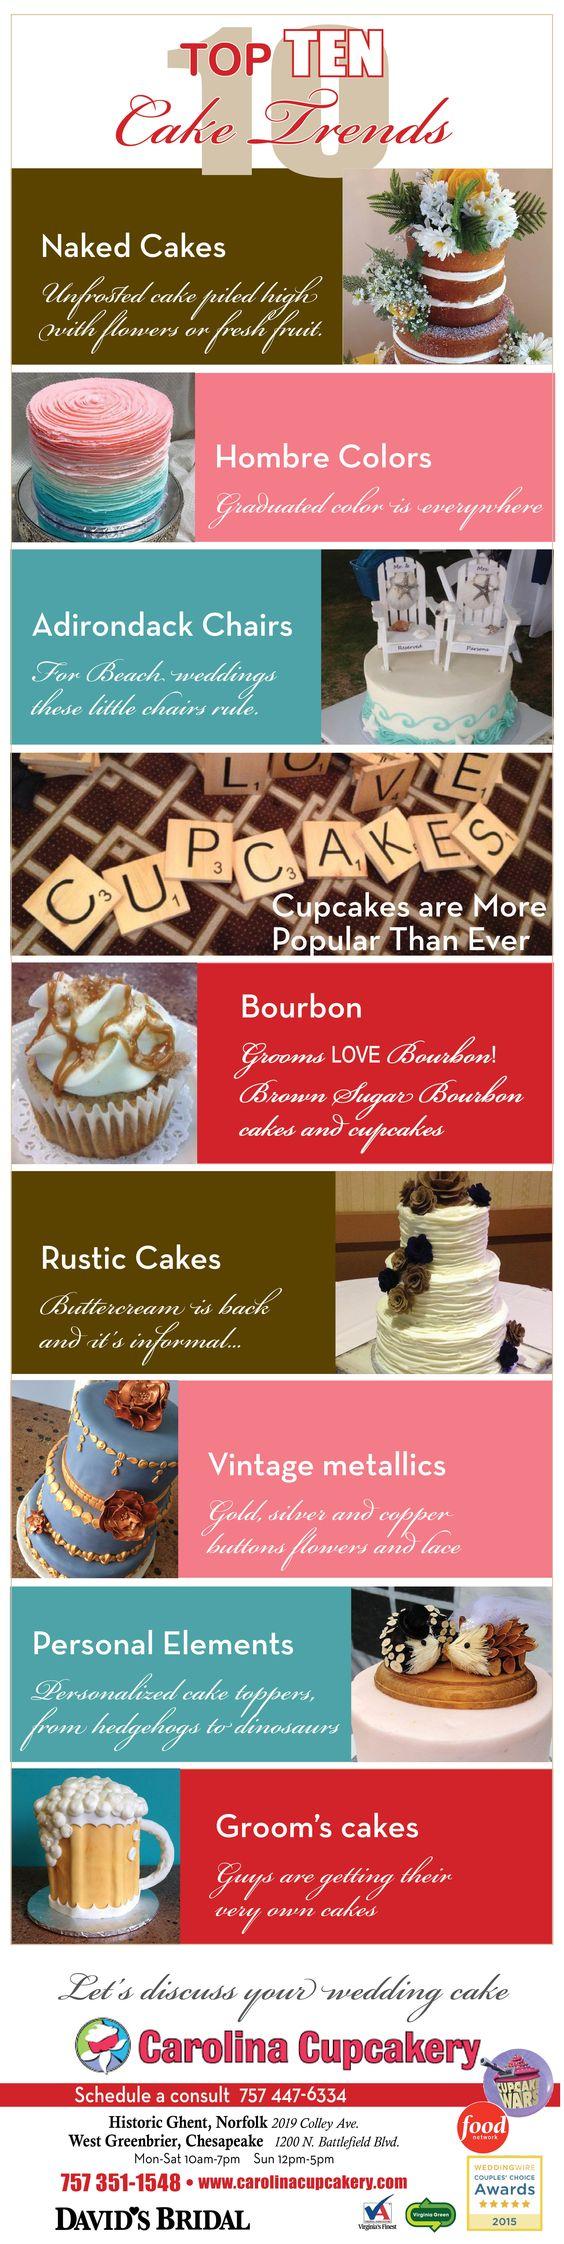 Top Ten Wedding Cake Trends